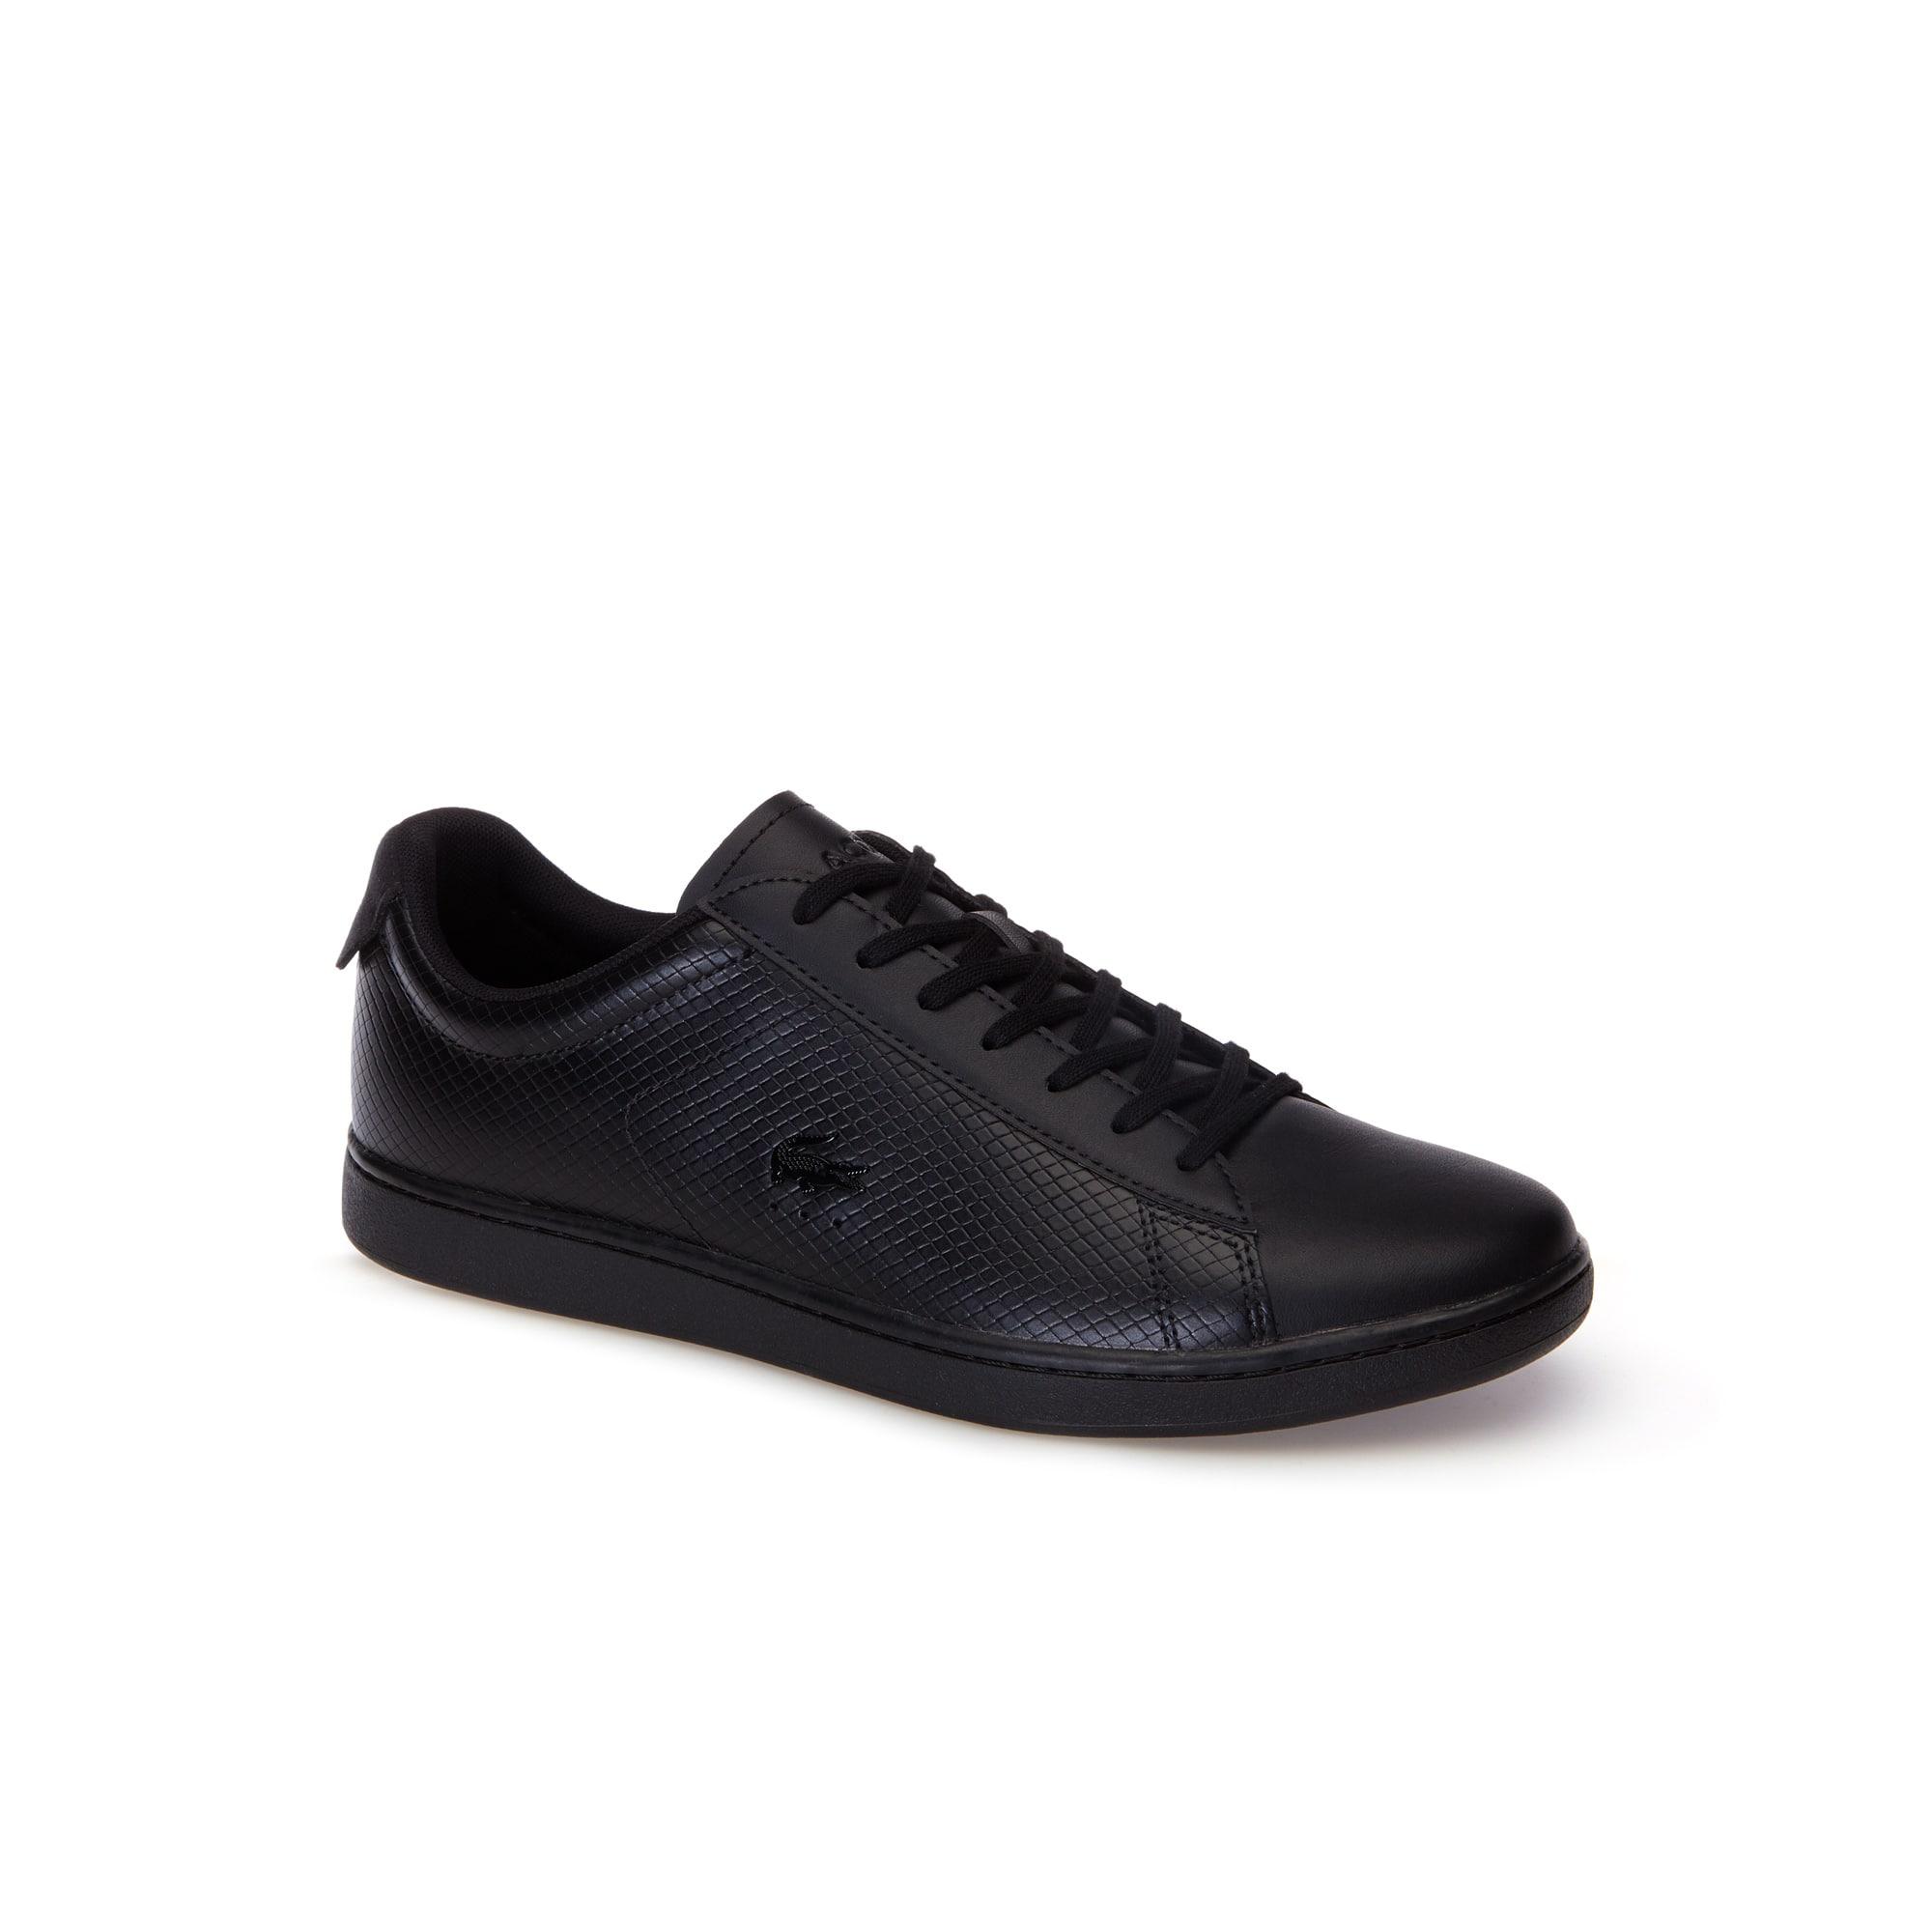 Sneakers Carnaby Evo homme en cuir nappa texturé